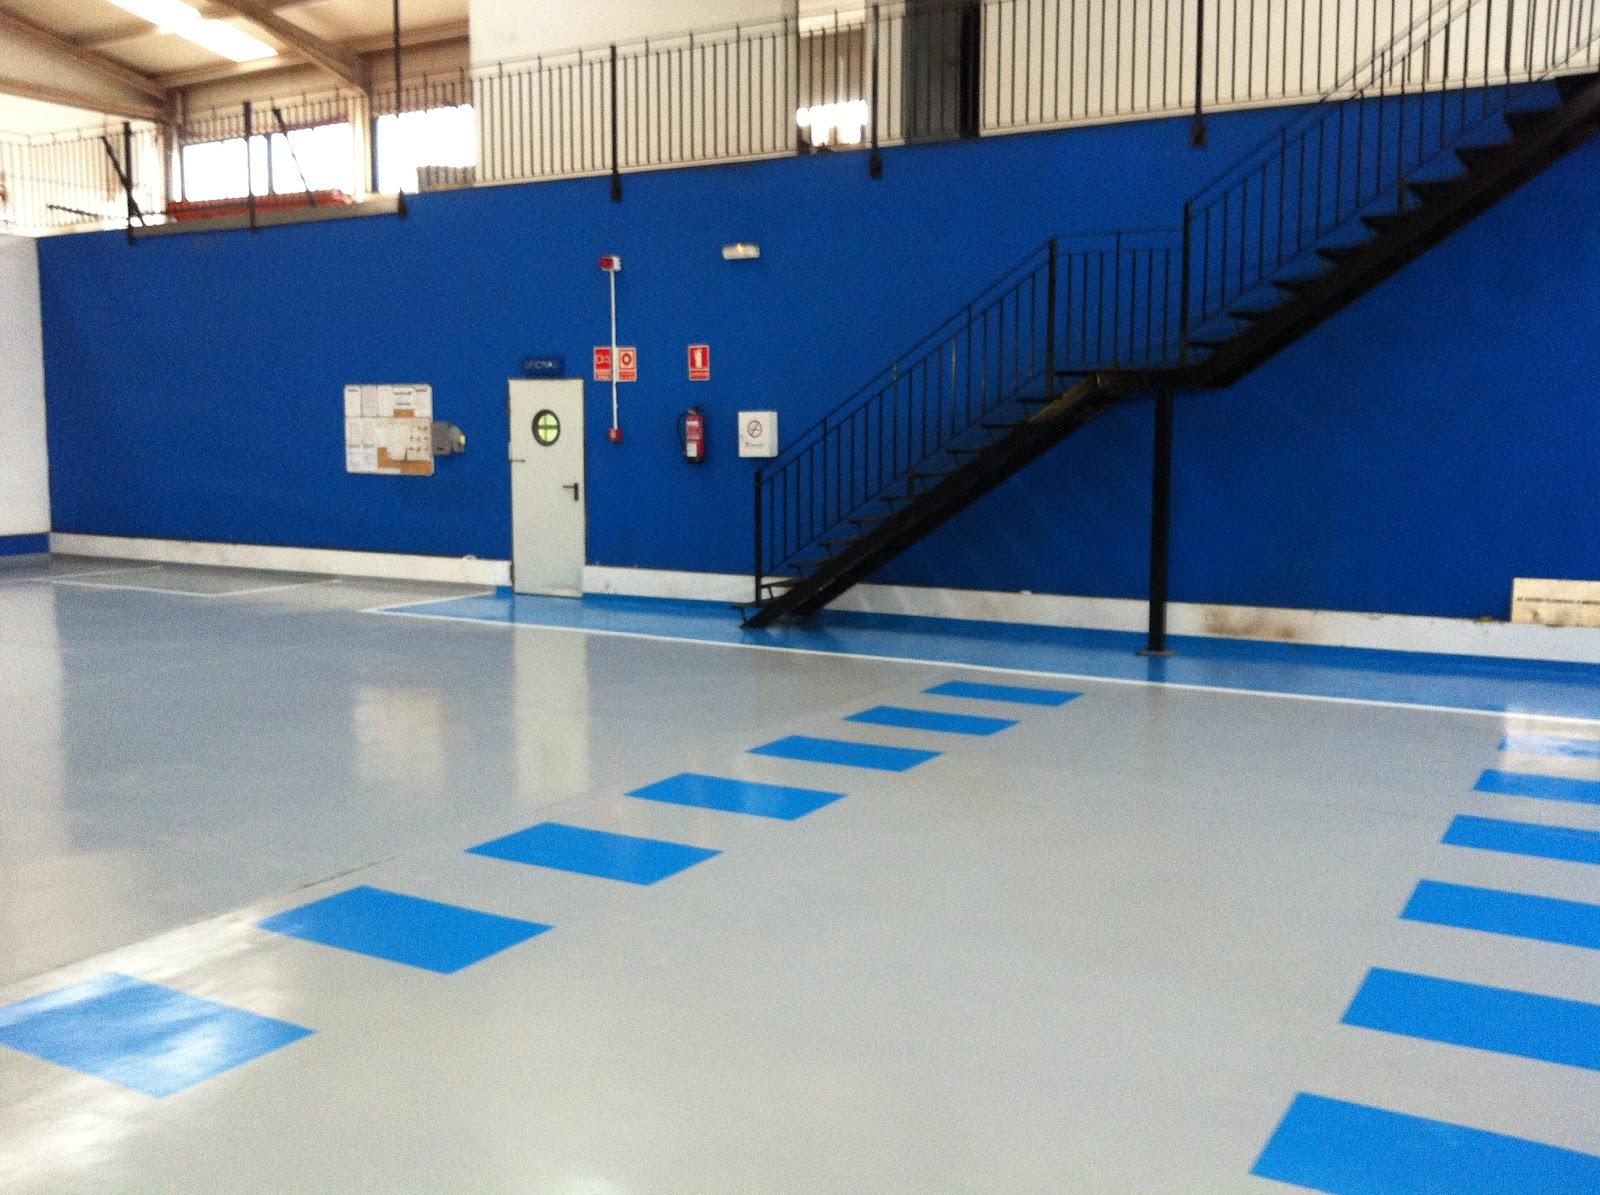 Pintar suelos pintura para suelos dscolor - Pinturas para suelo ...